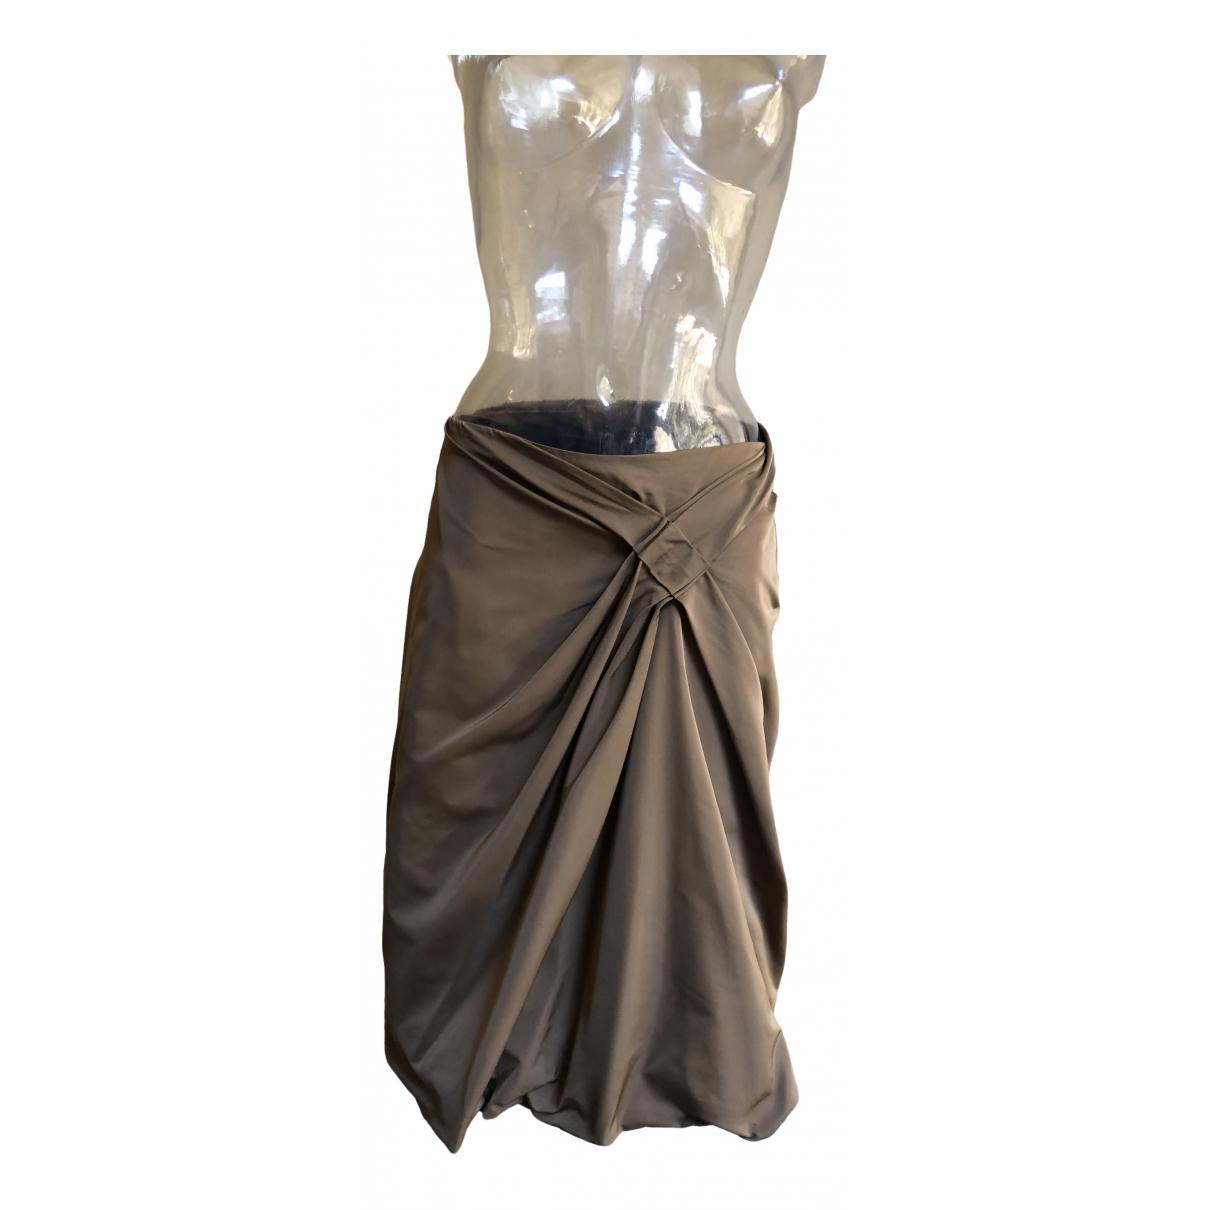 Jil Sander \N Brown skirt for Women M International